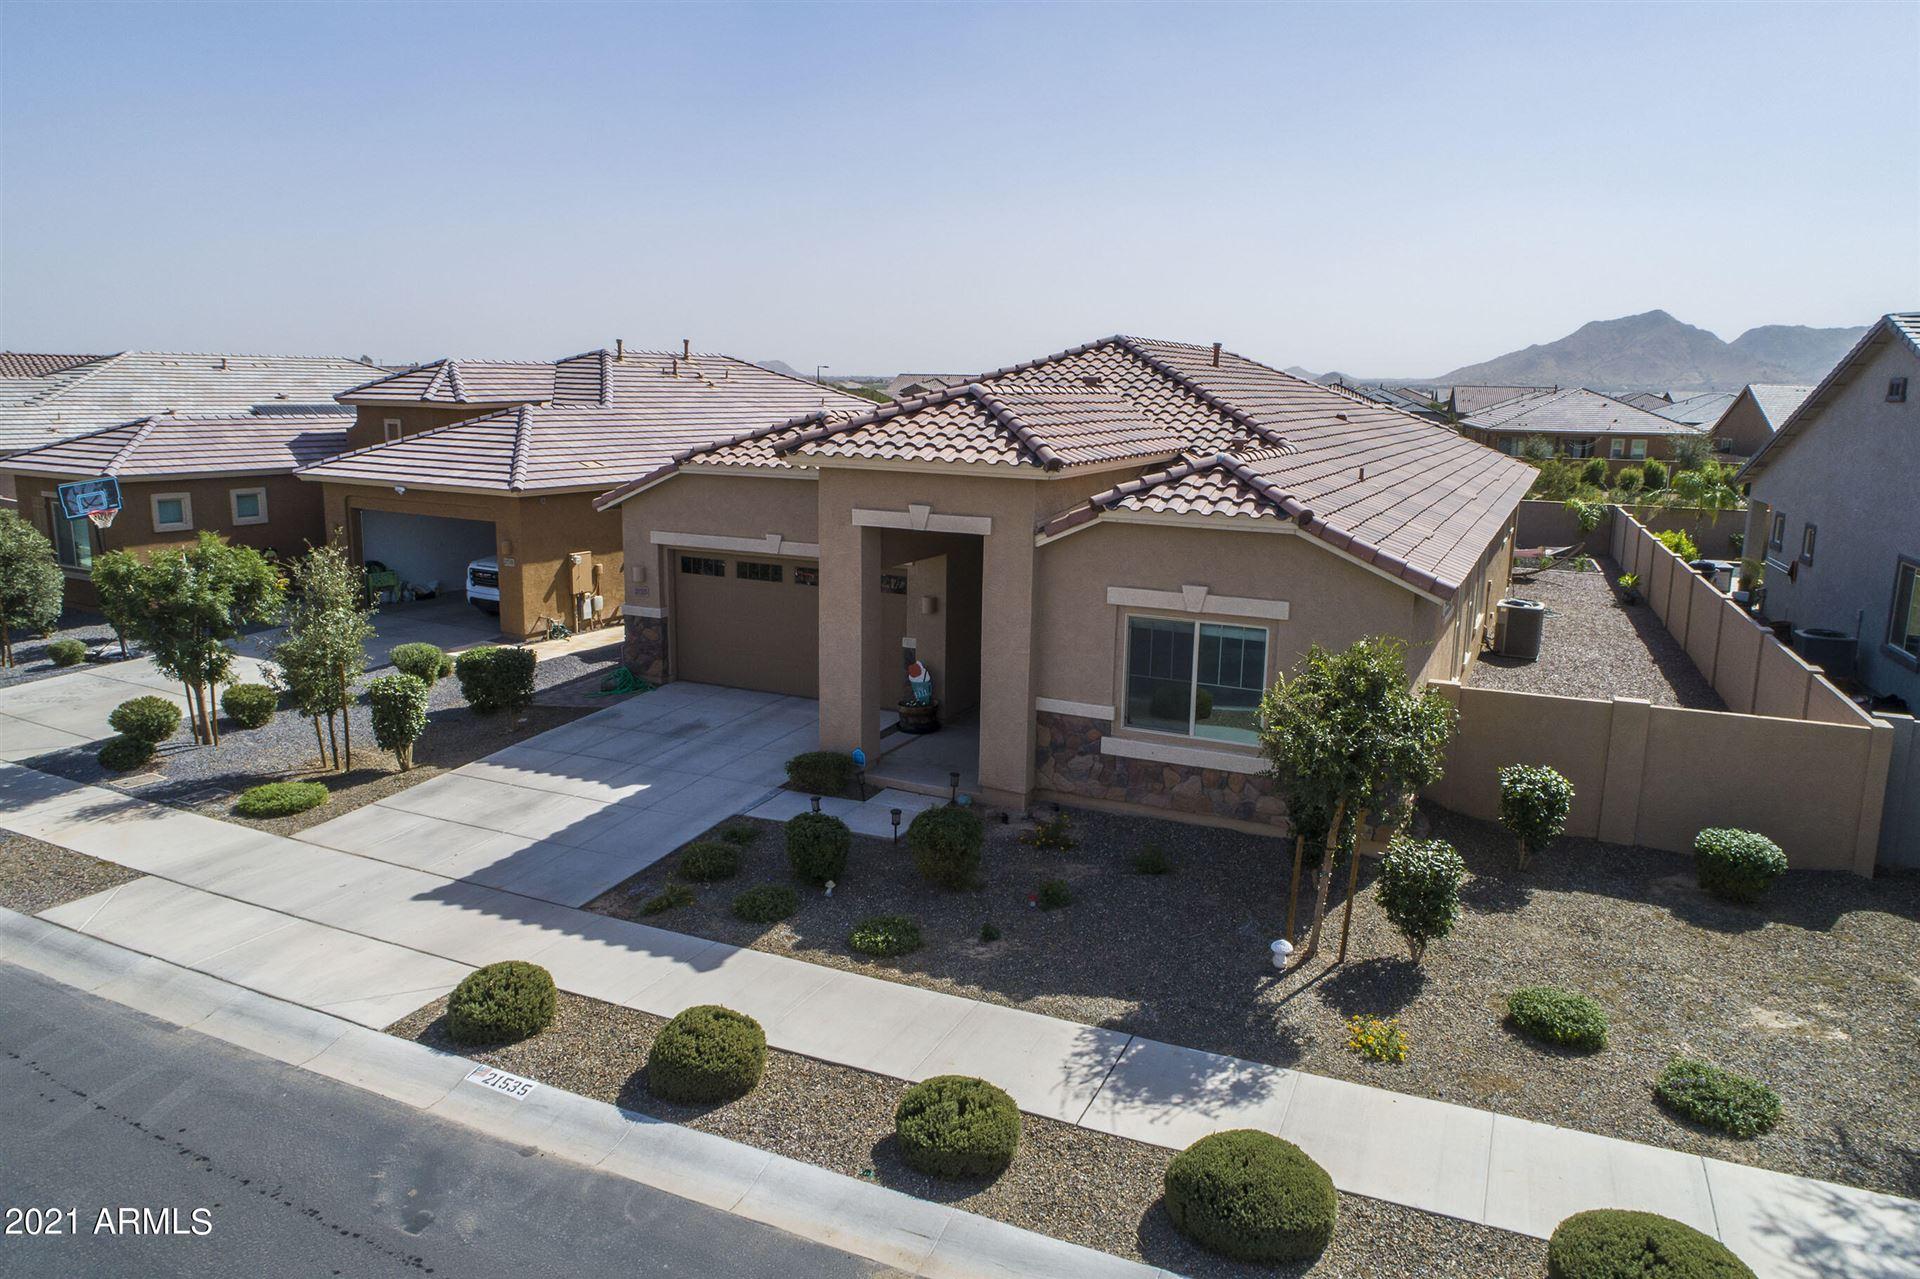 Photo of 21535 E PECAN Court, Queen Creek, AZ 85142 (MLS # 6306982)